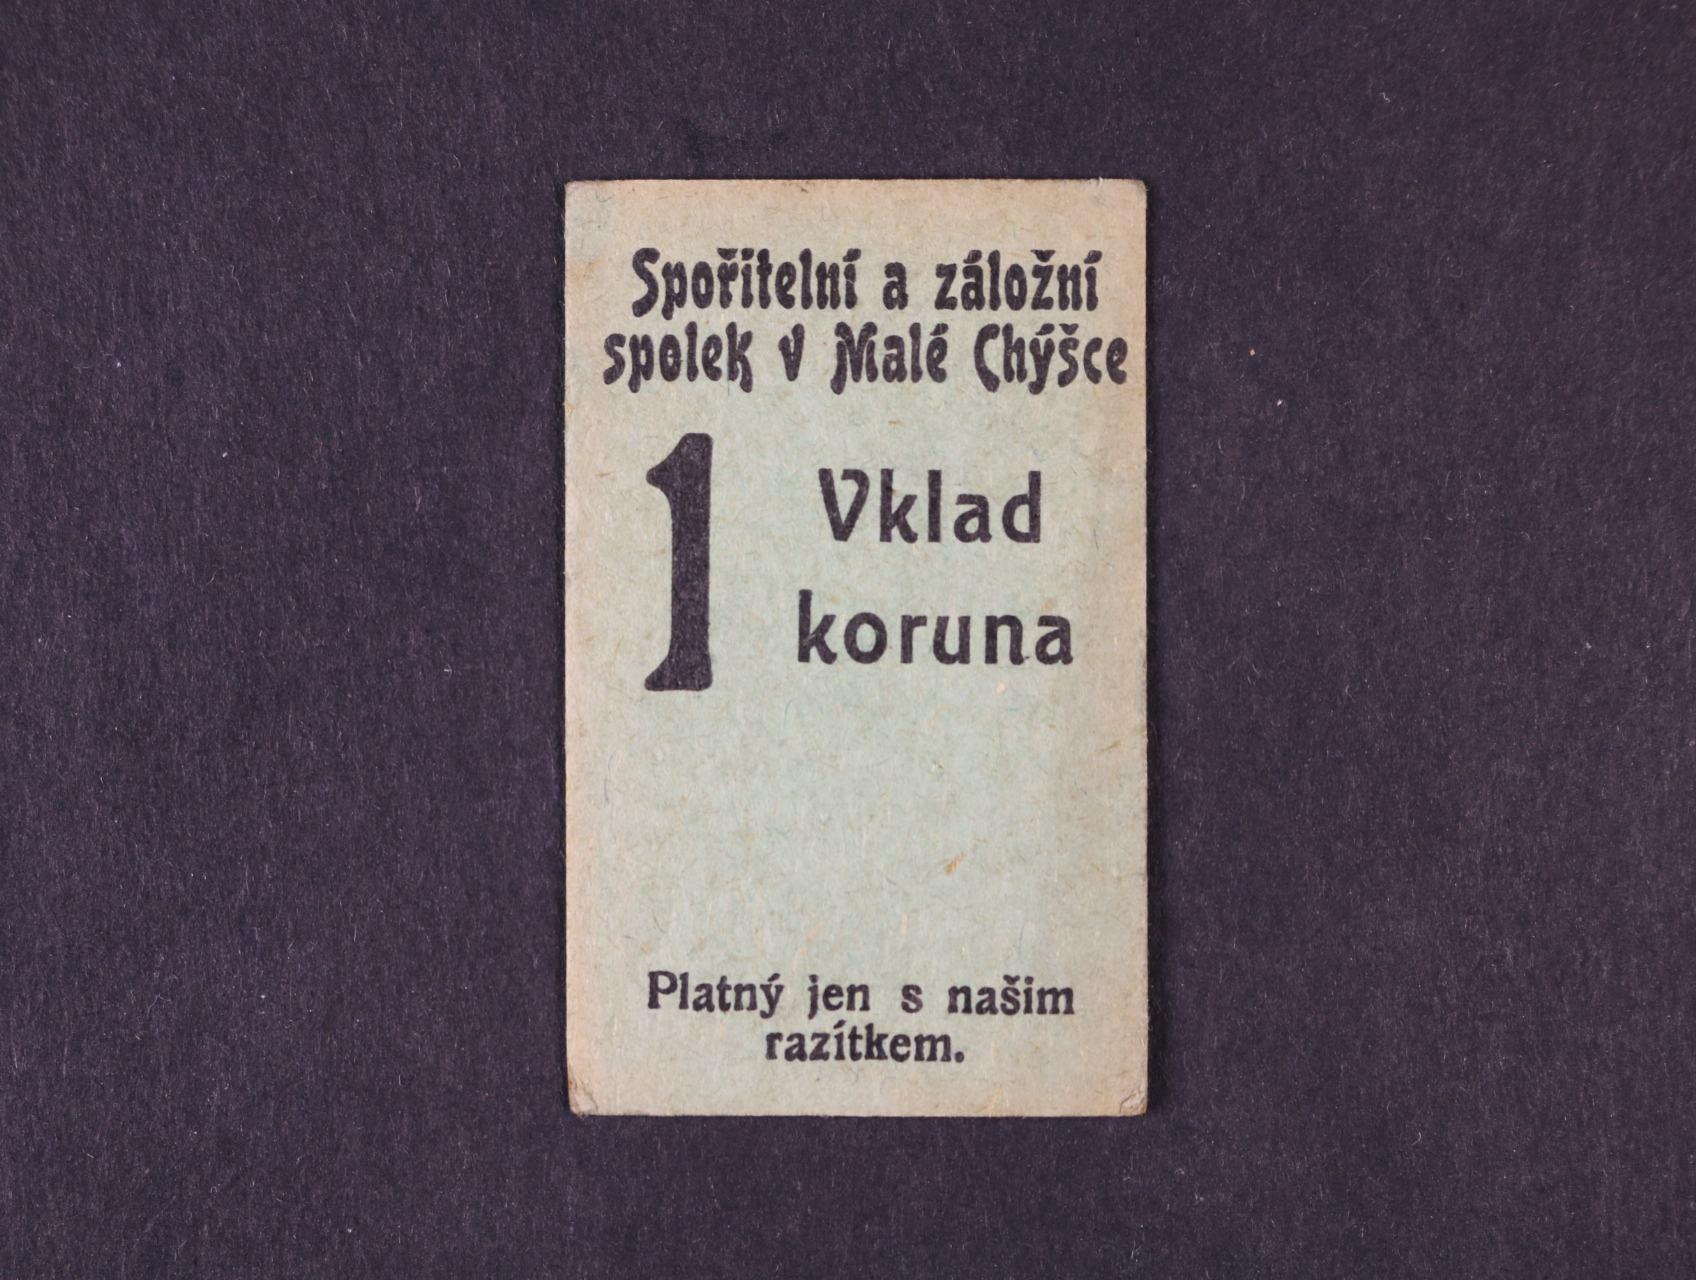 Malá Chýška, 1 K b.d. (1914) Spořitelní a záložní spolek, D.H. 122.1.2c